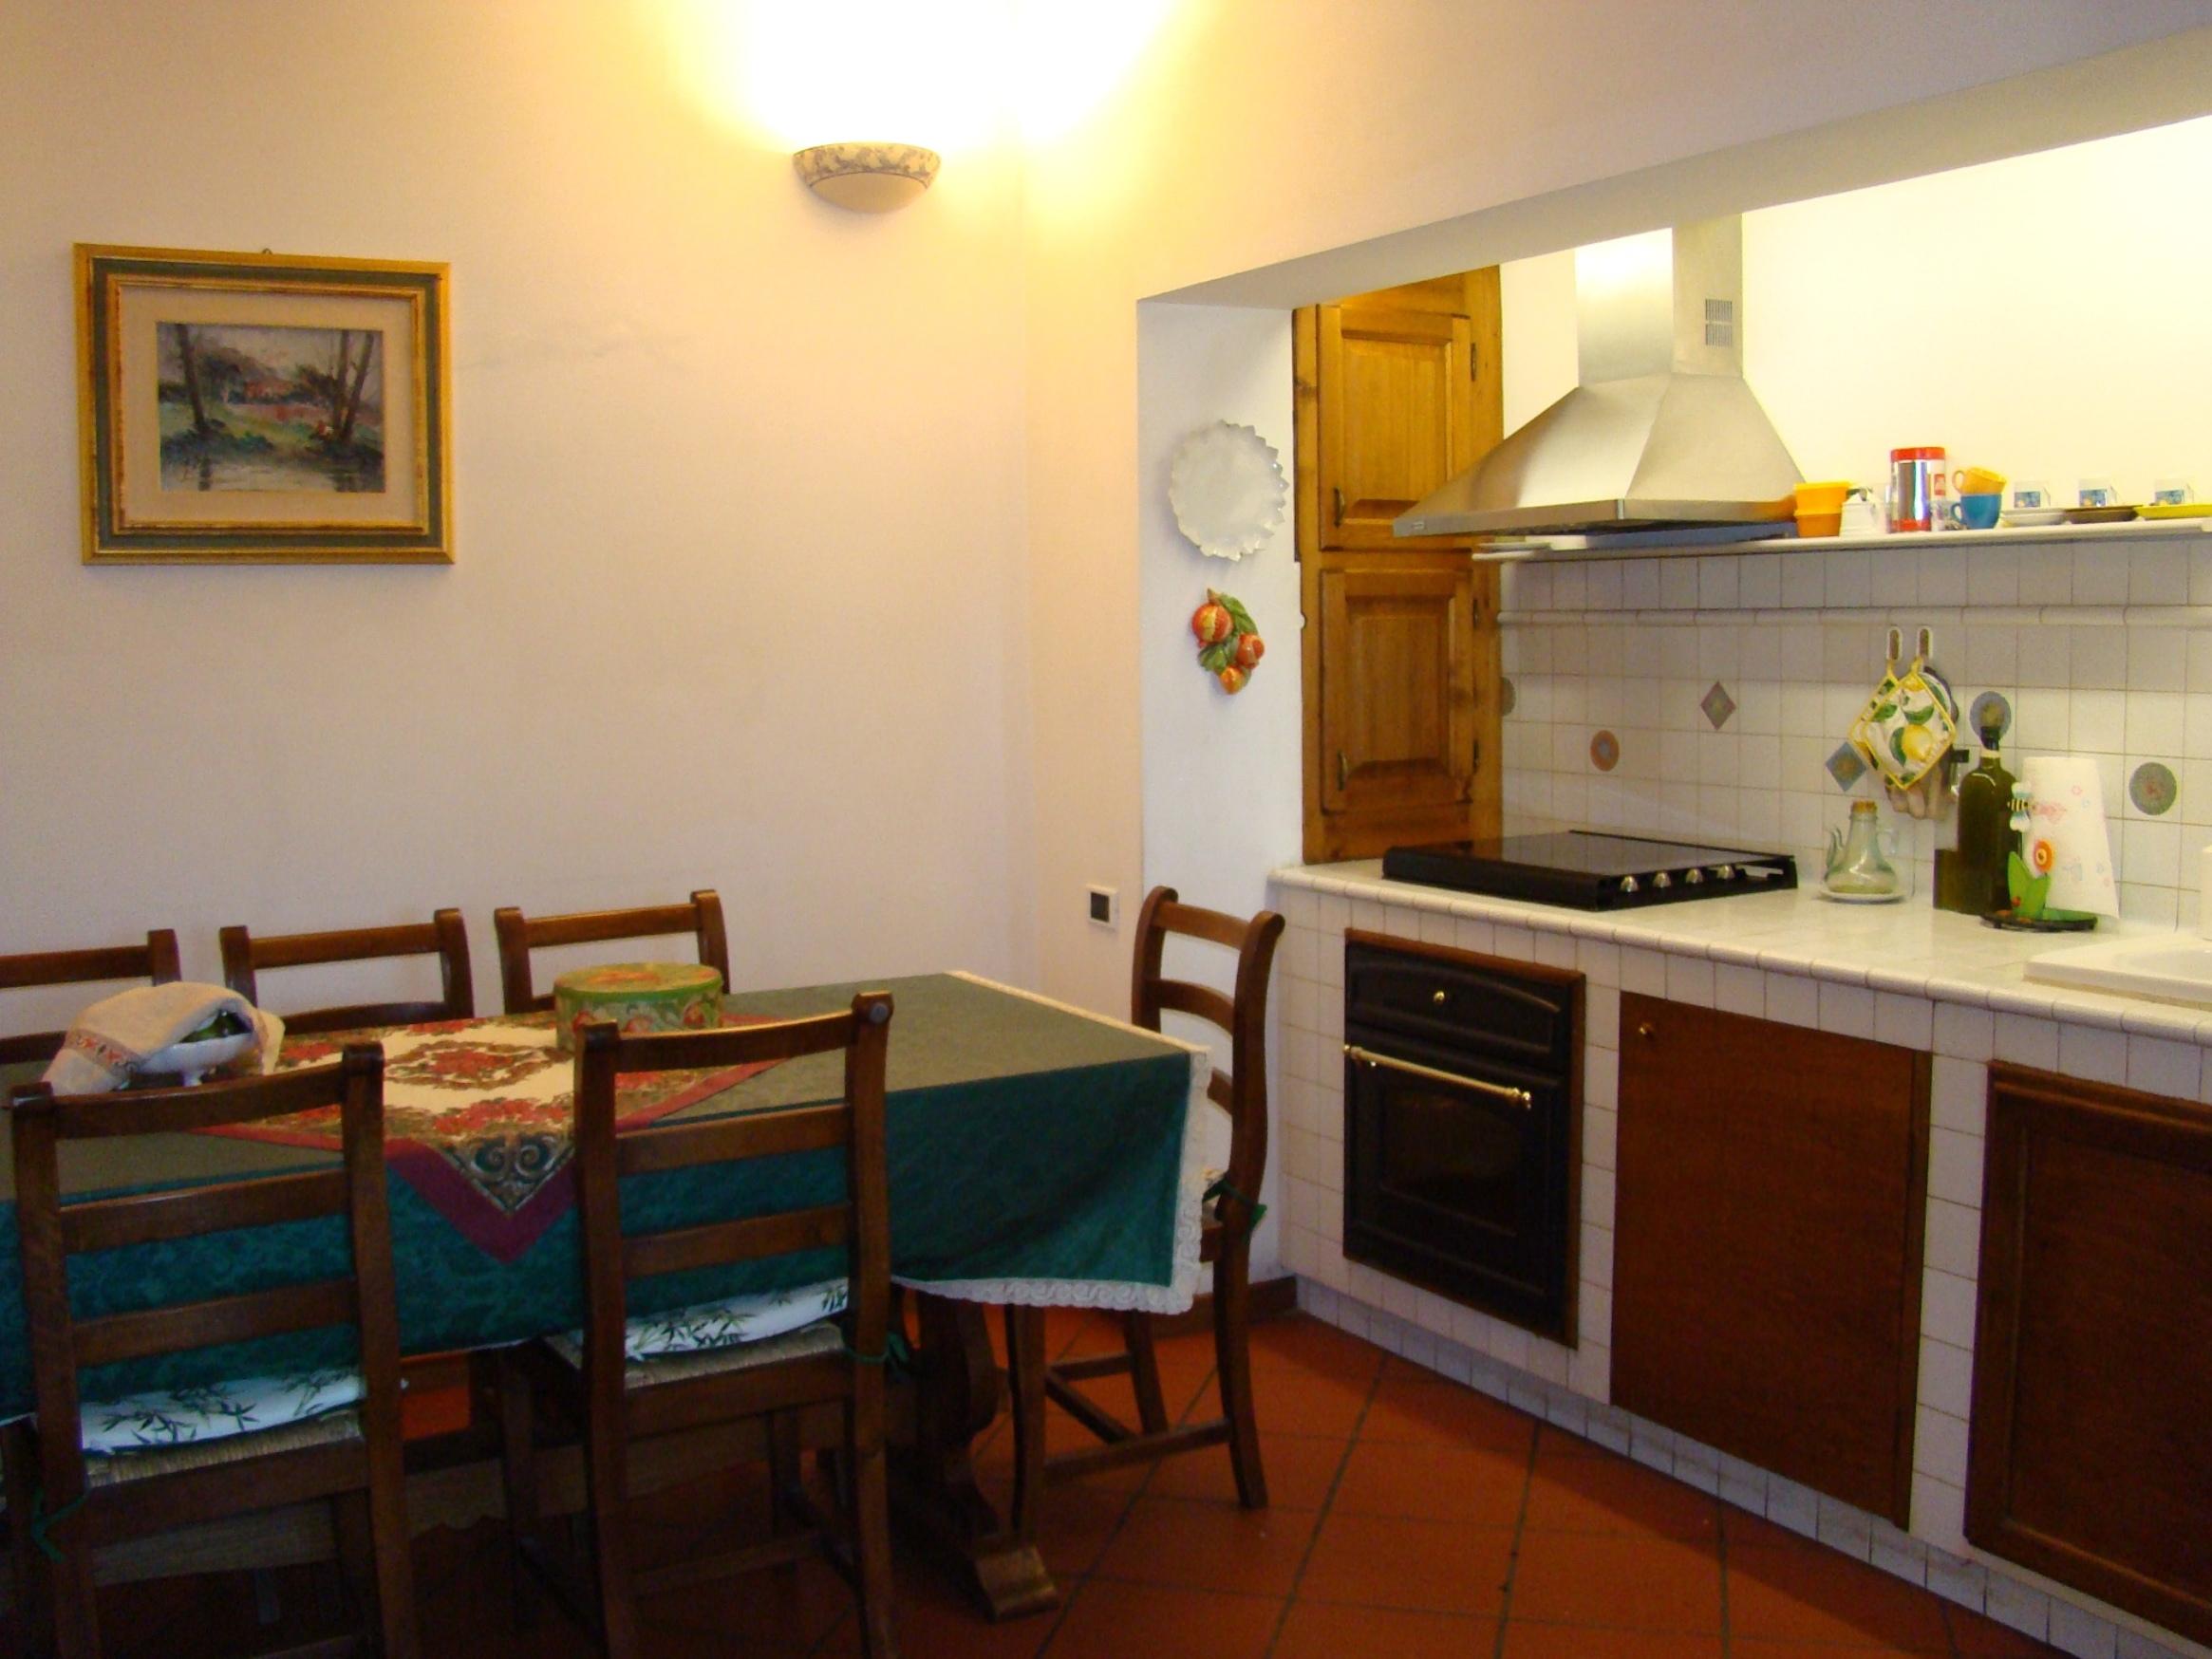 Appartamento fullino antica fonte residenza di siena for Appartamenti siena